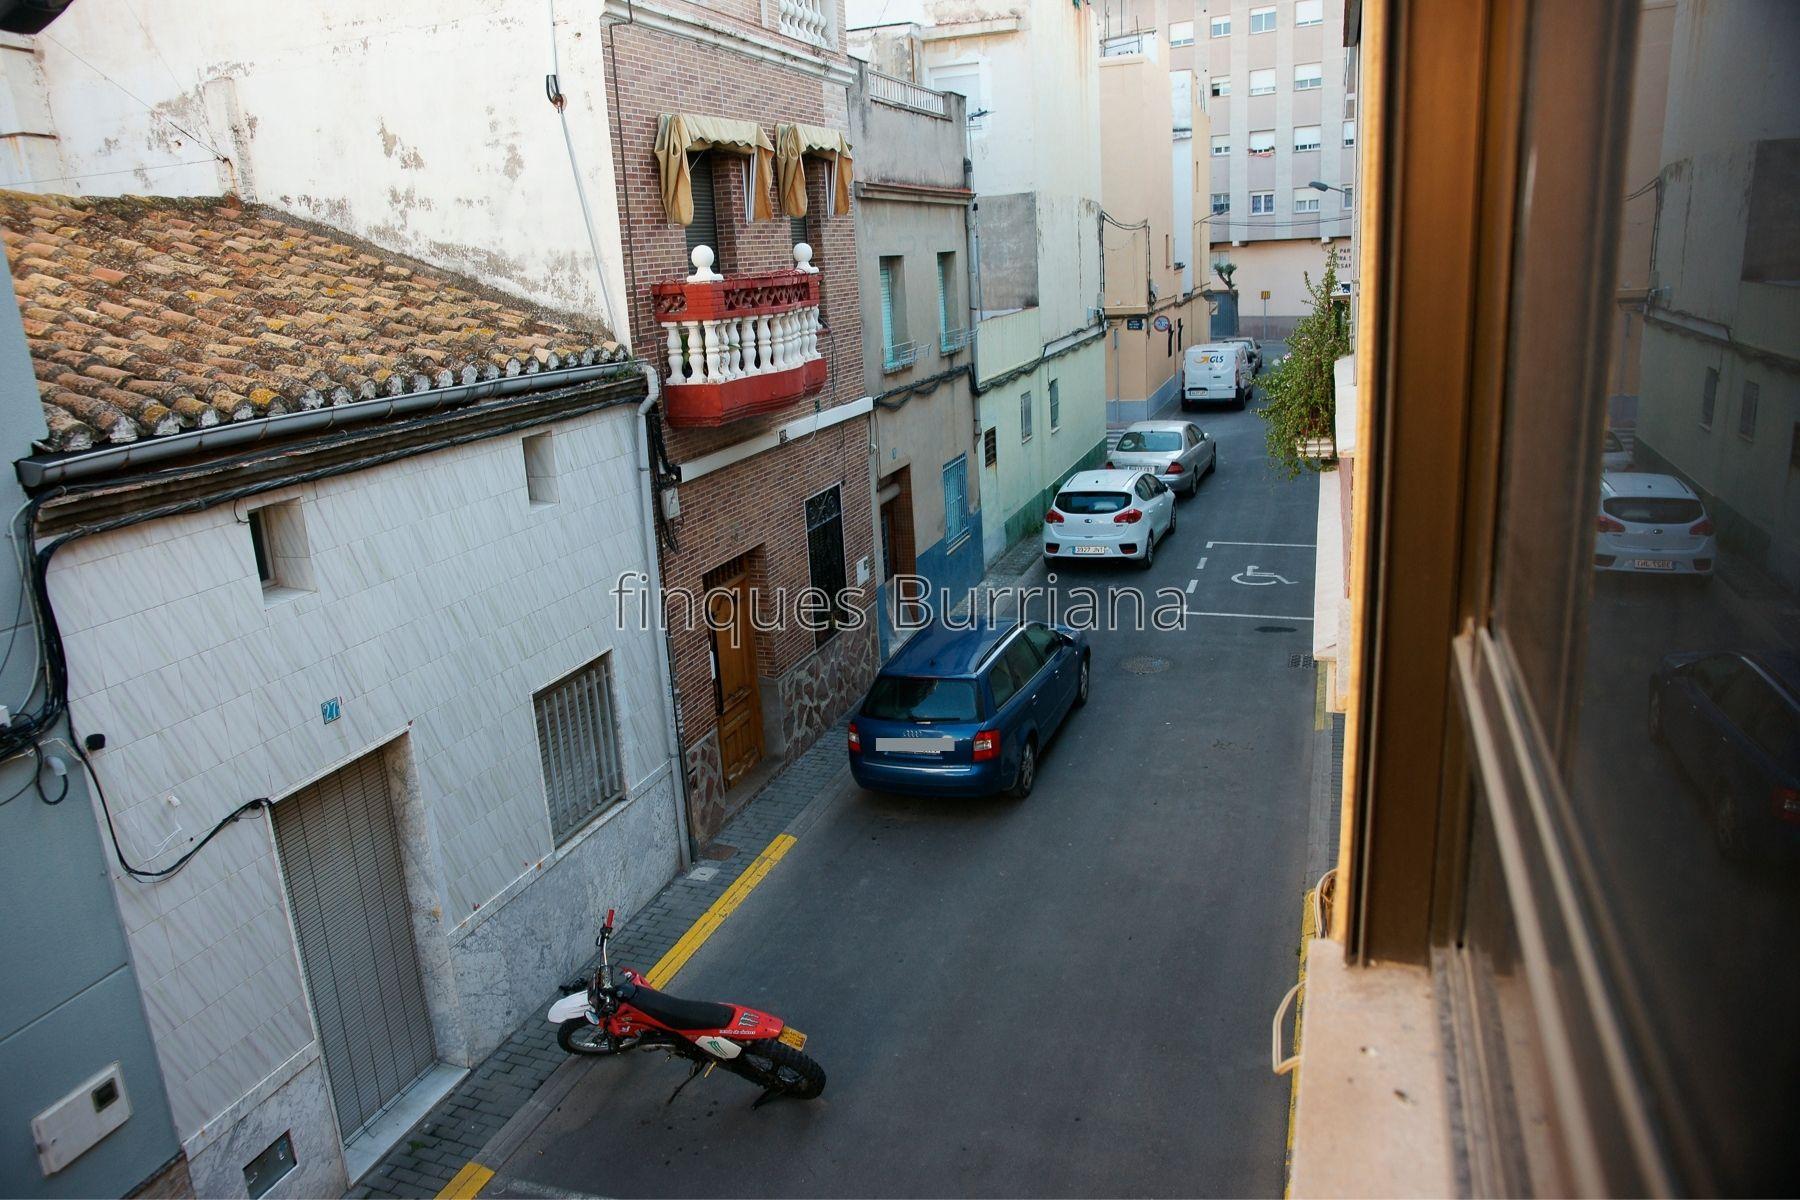 Casa en Venta en Burriana (Castellón) Zona Carretera de Nules